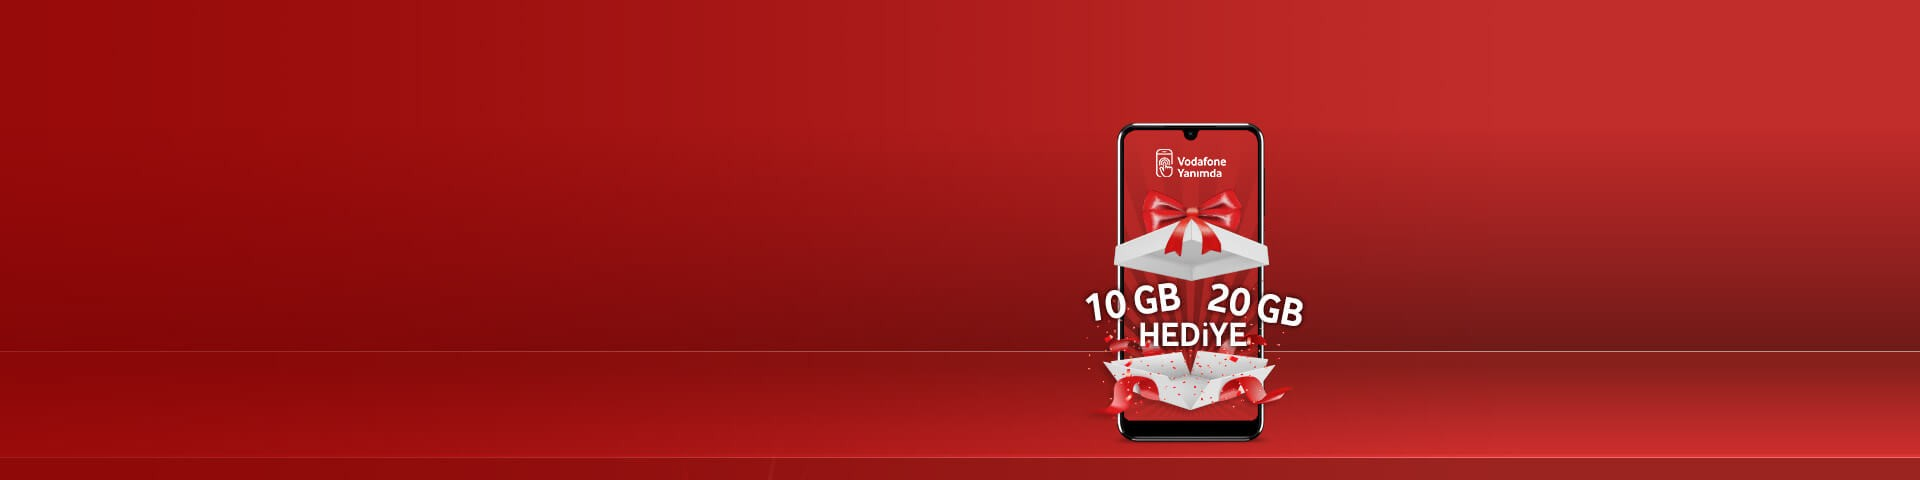 Vodafone'a Hoş Geldin Hediyesi